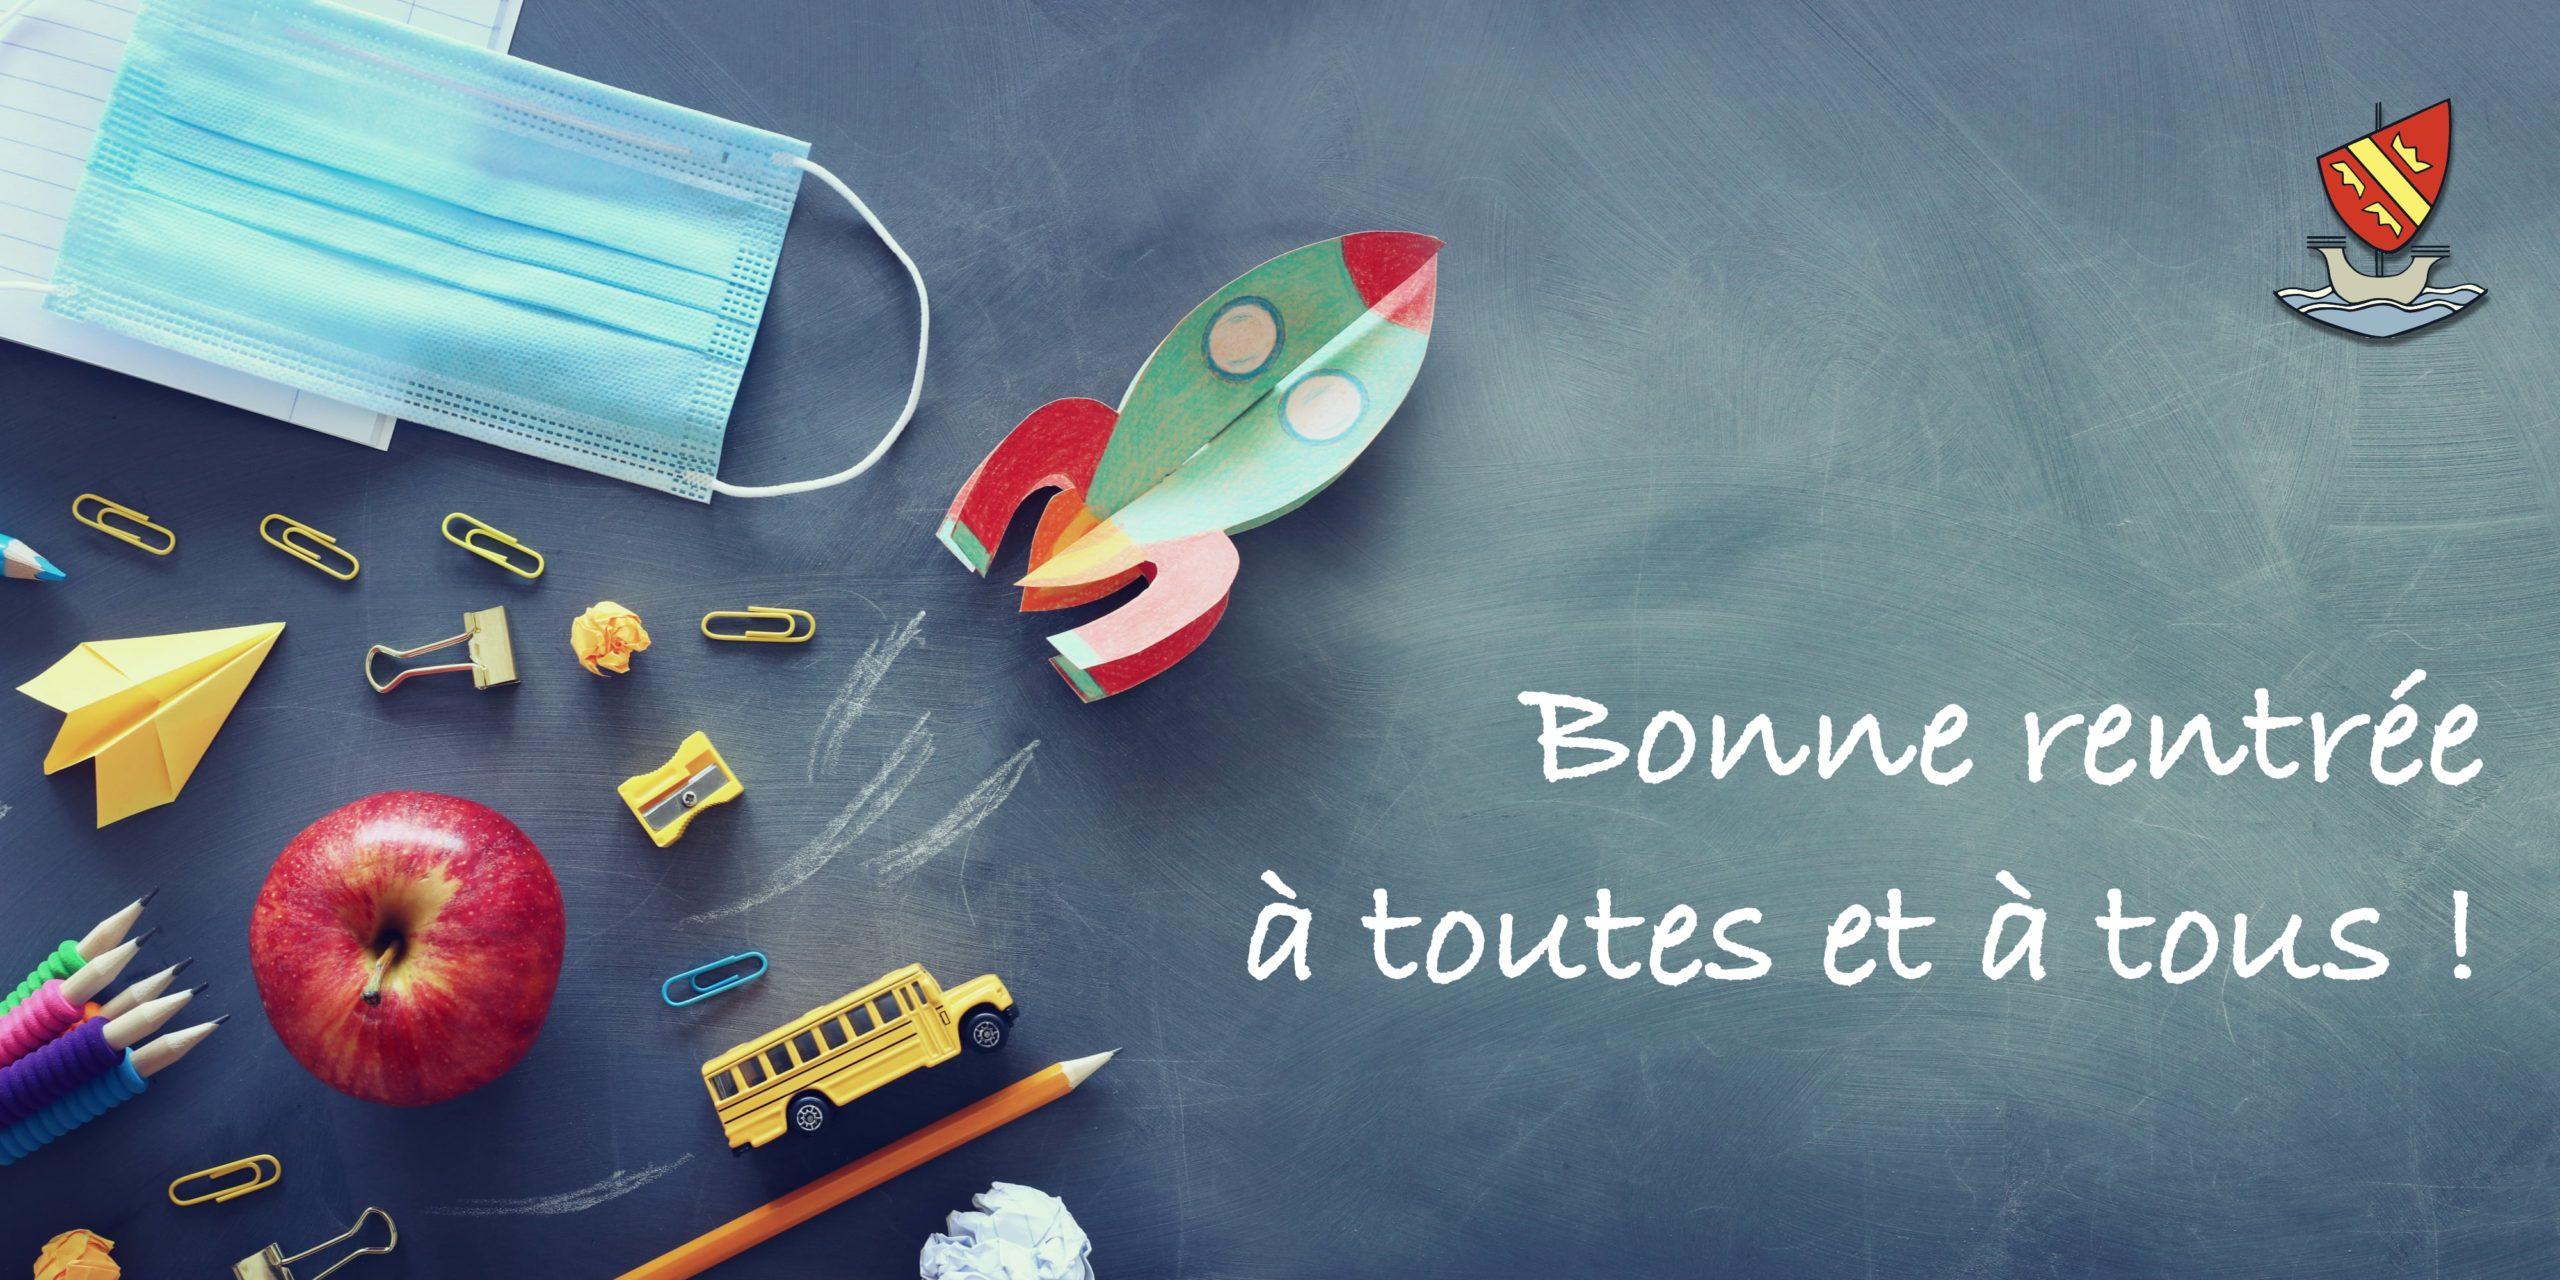 Bonne rentrée 2020 ! - École alsacienne